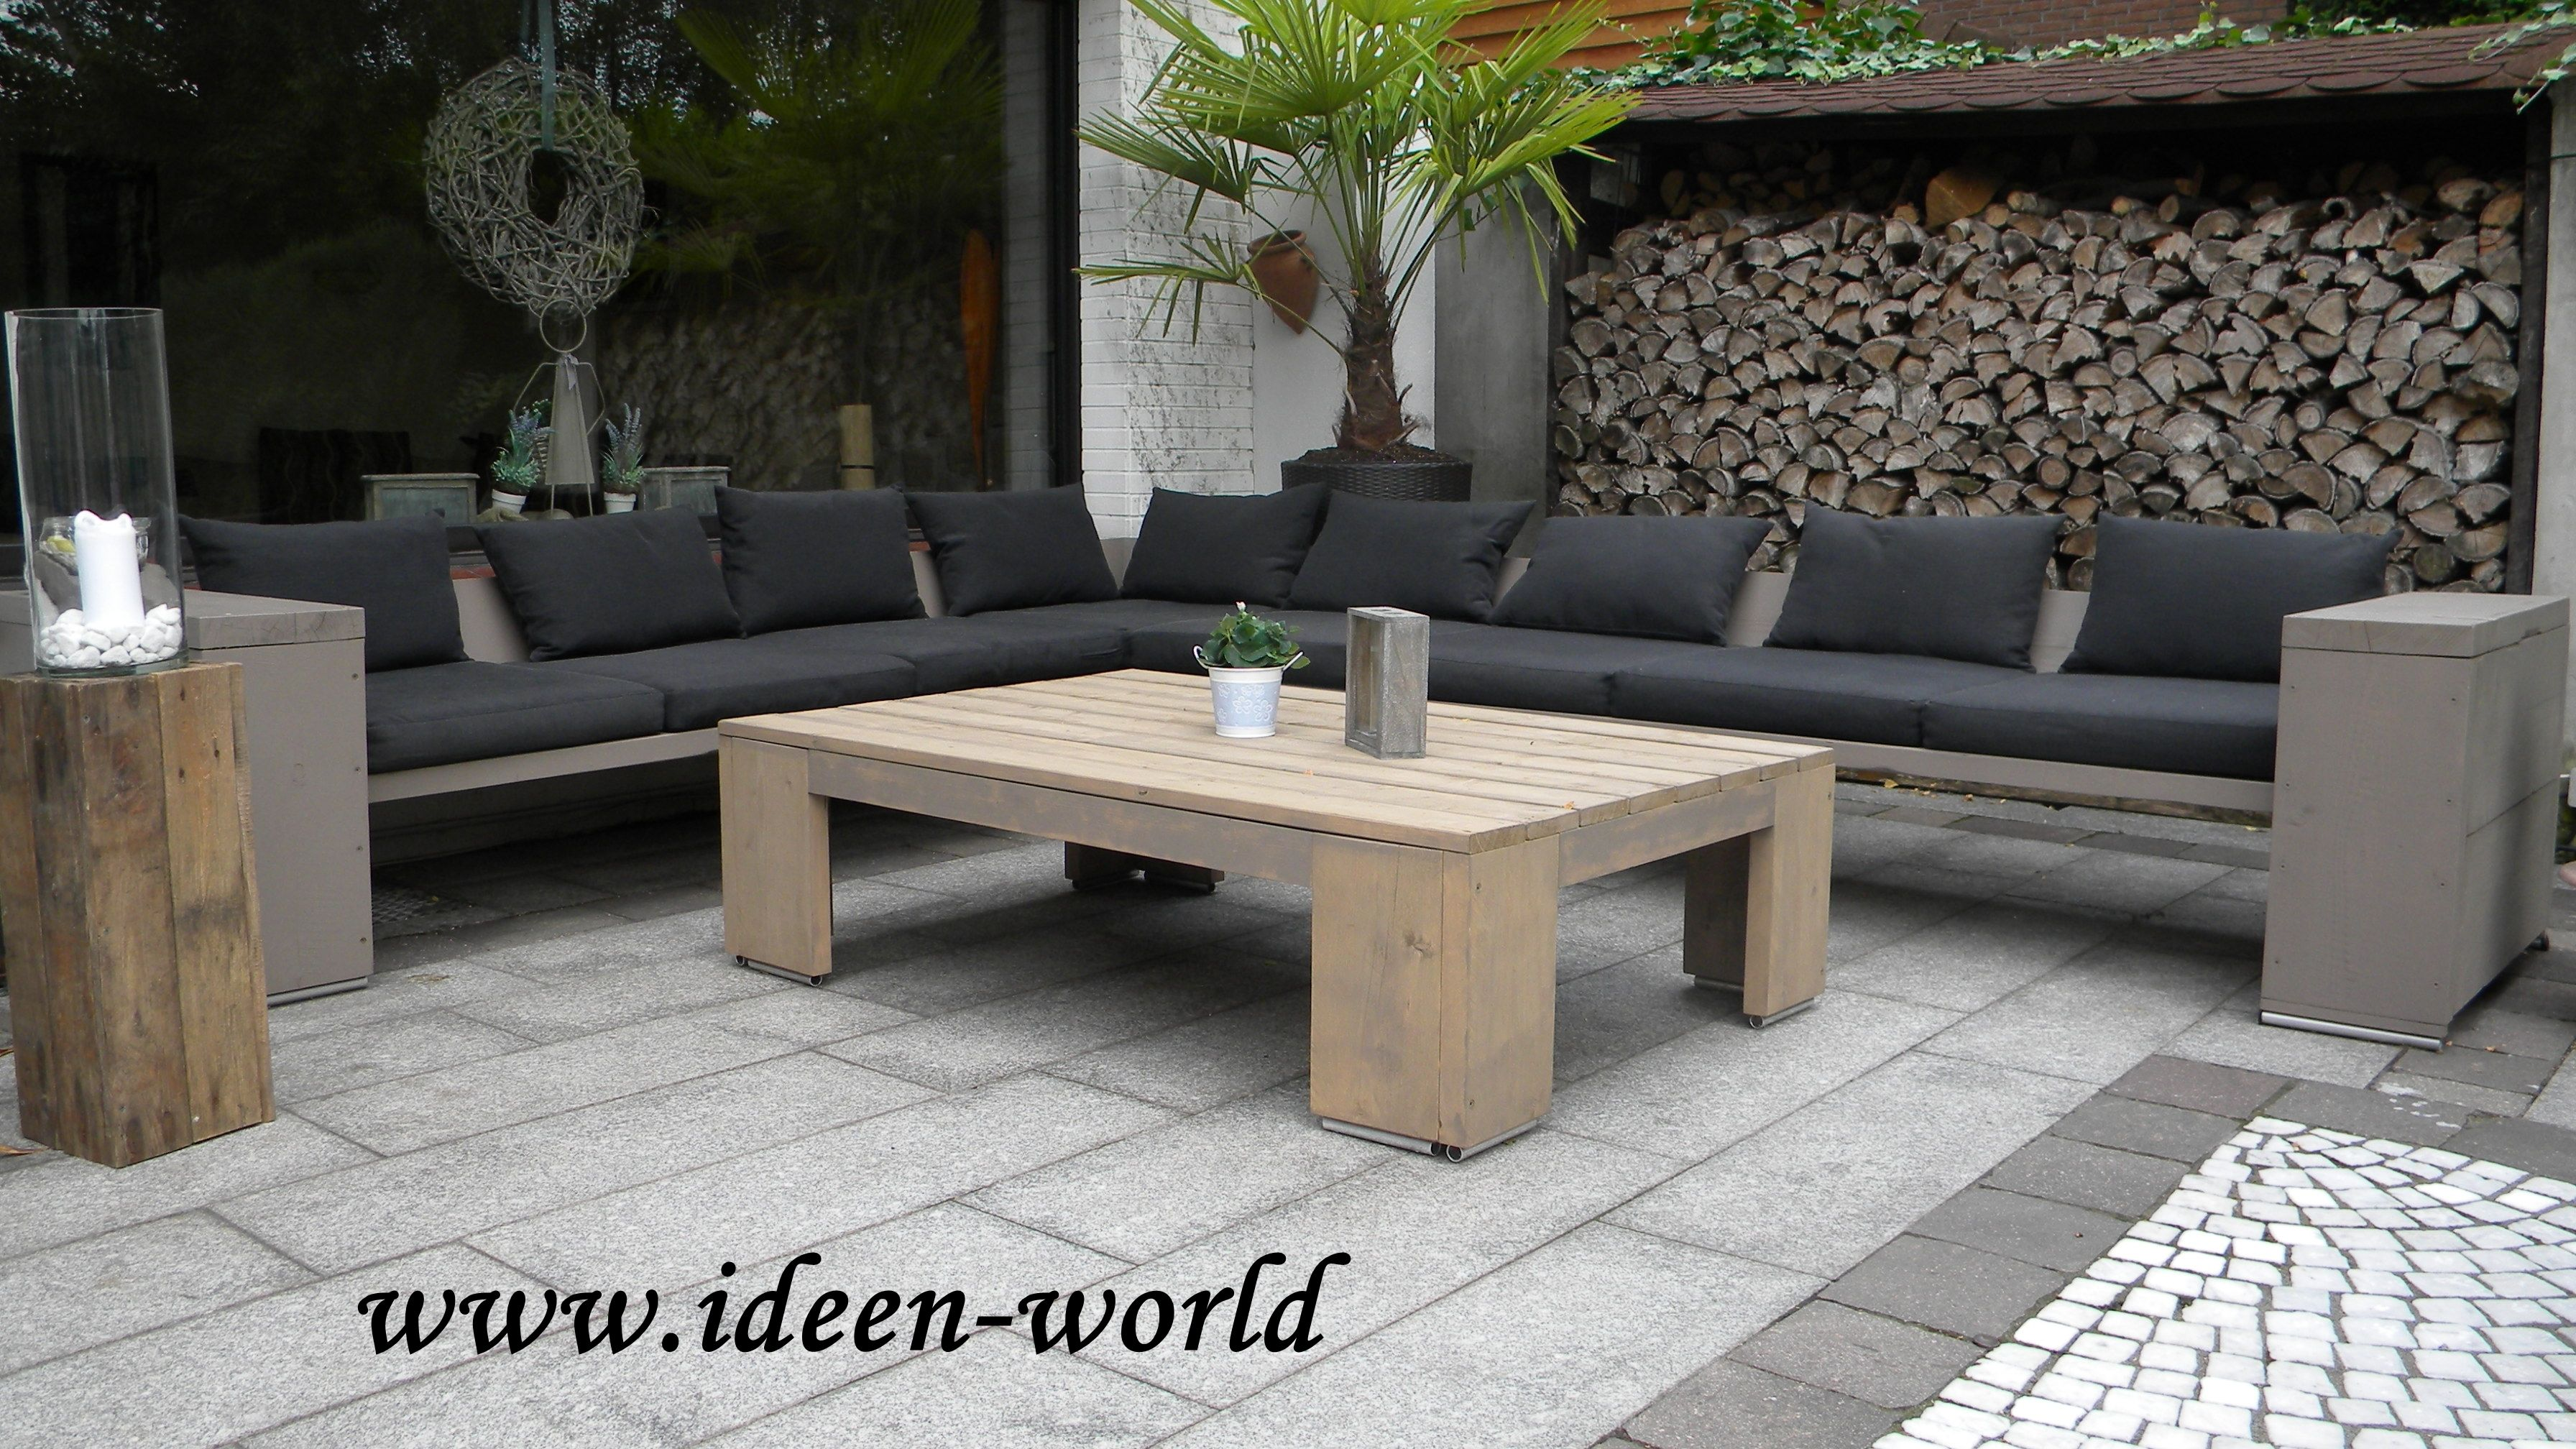 lounge möbel garten | lounge möbel garten möbel | pinterest, Garten und Bauen